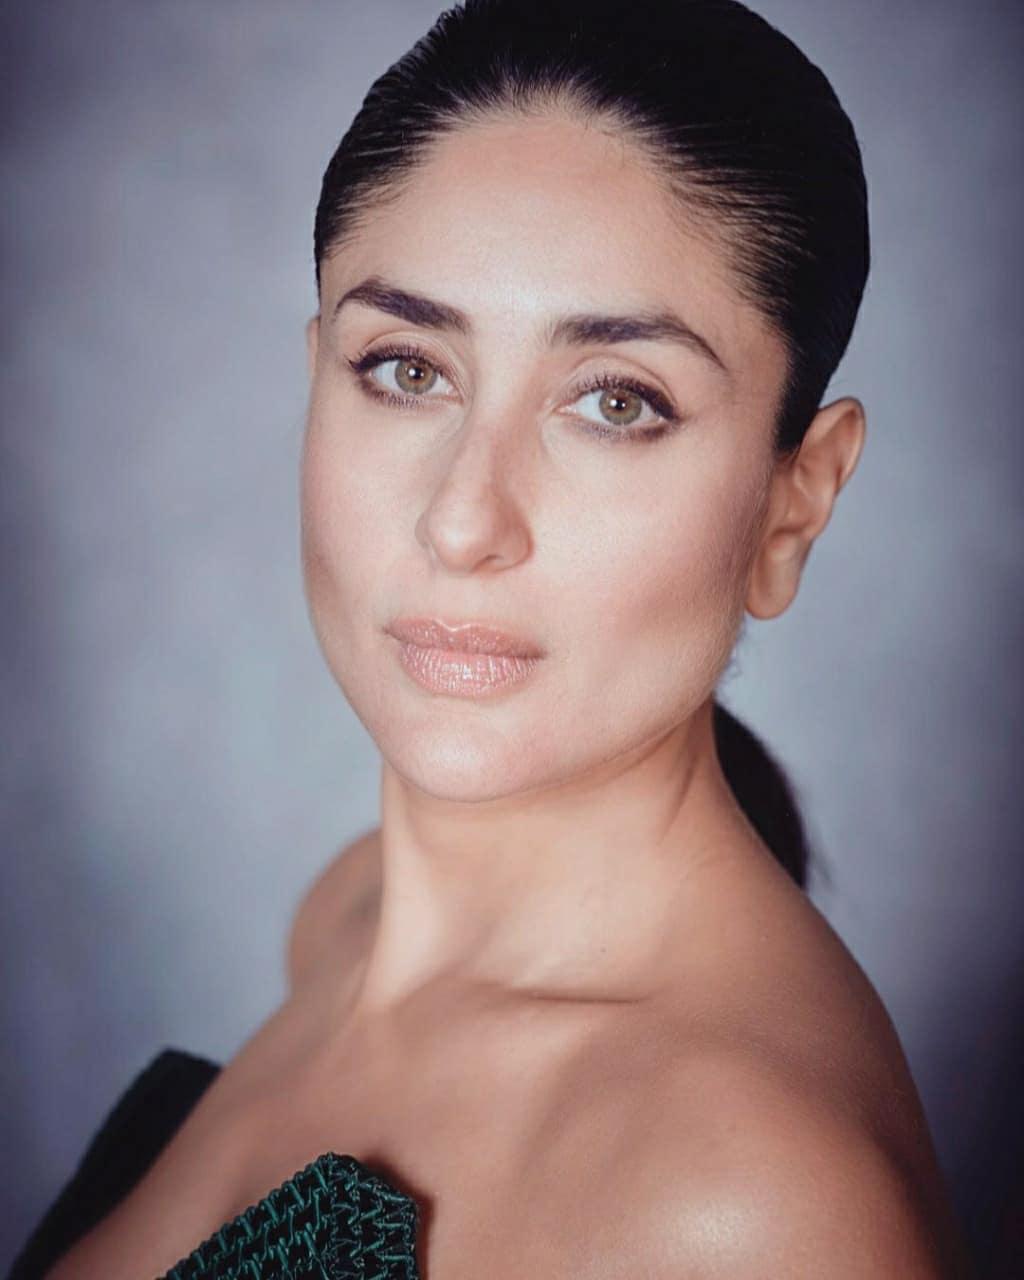 Kareena Kapoor: Two Top Looks of the Week